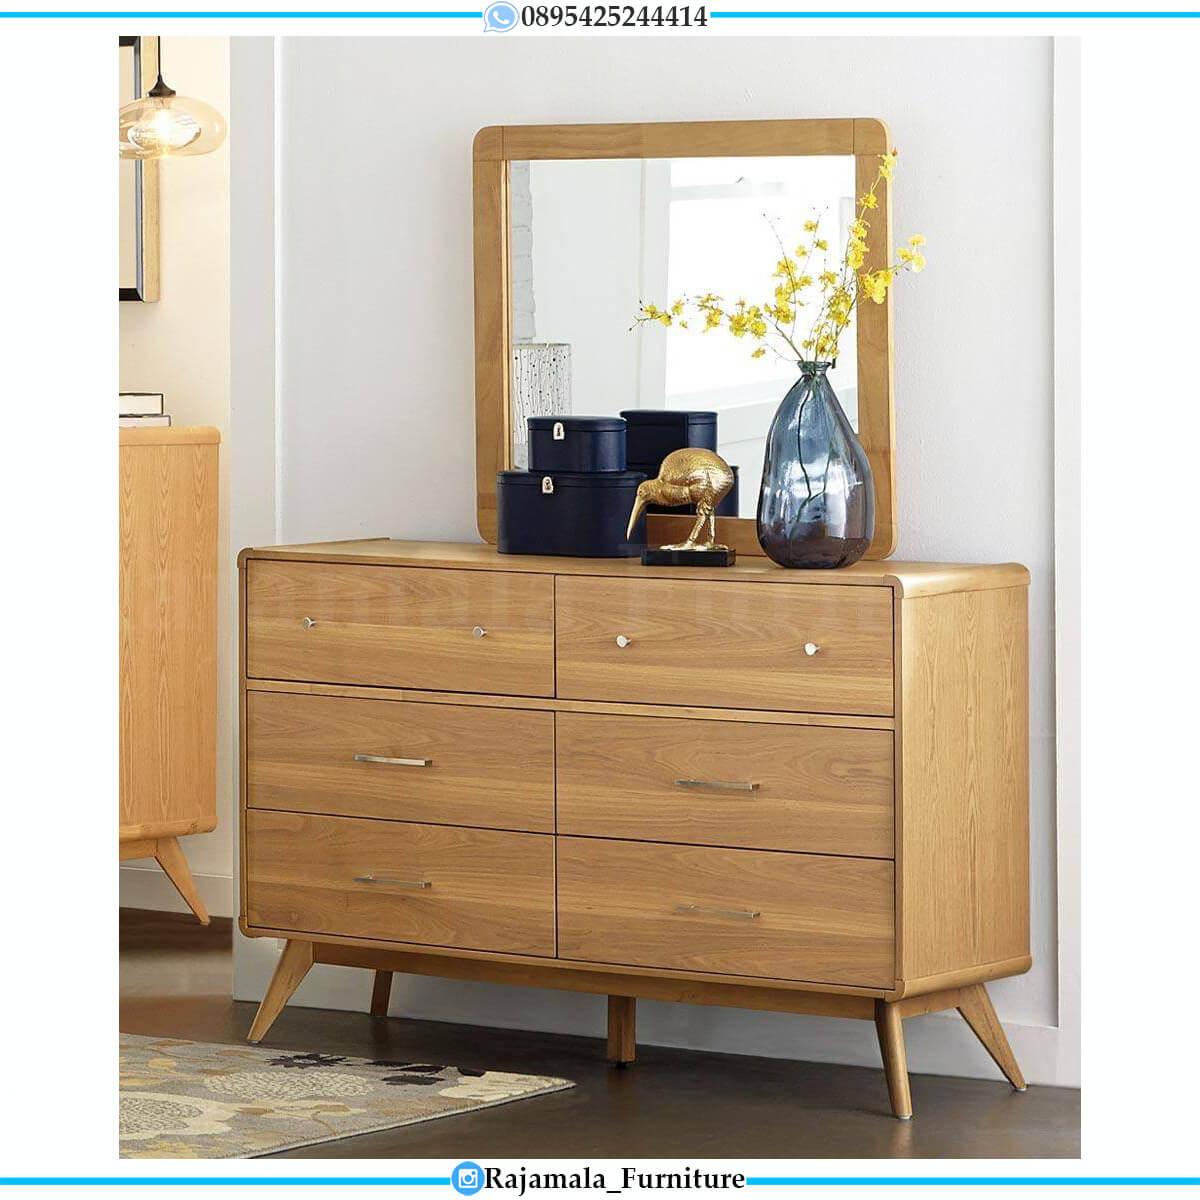 Desain Tempat Tidur Minimalis Jati Natural Color Furniture Jepara RM-0694